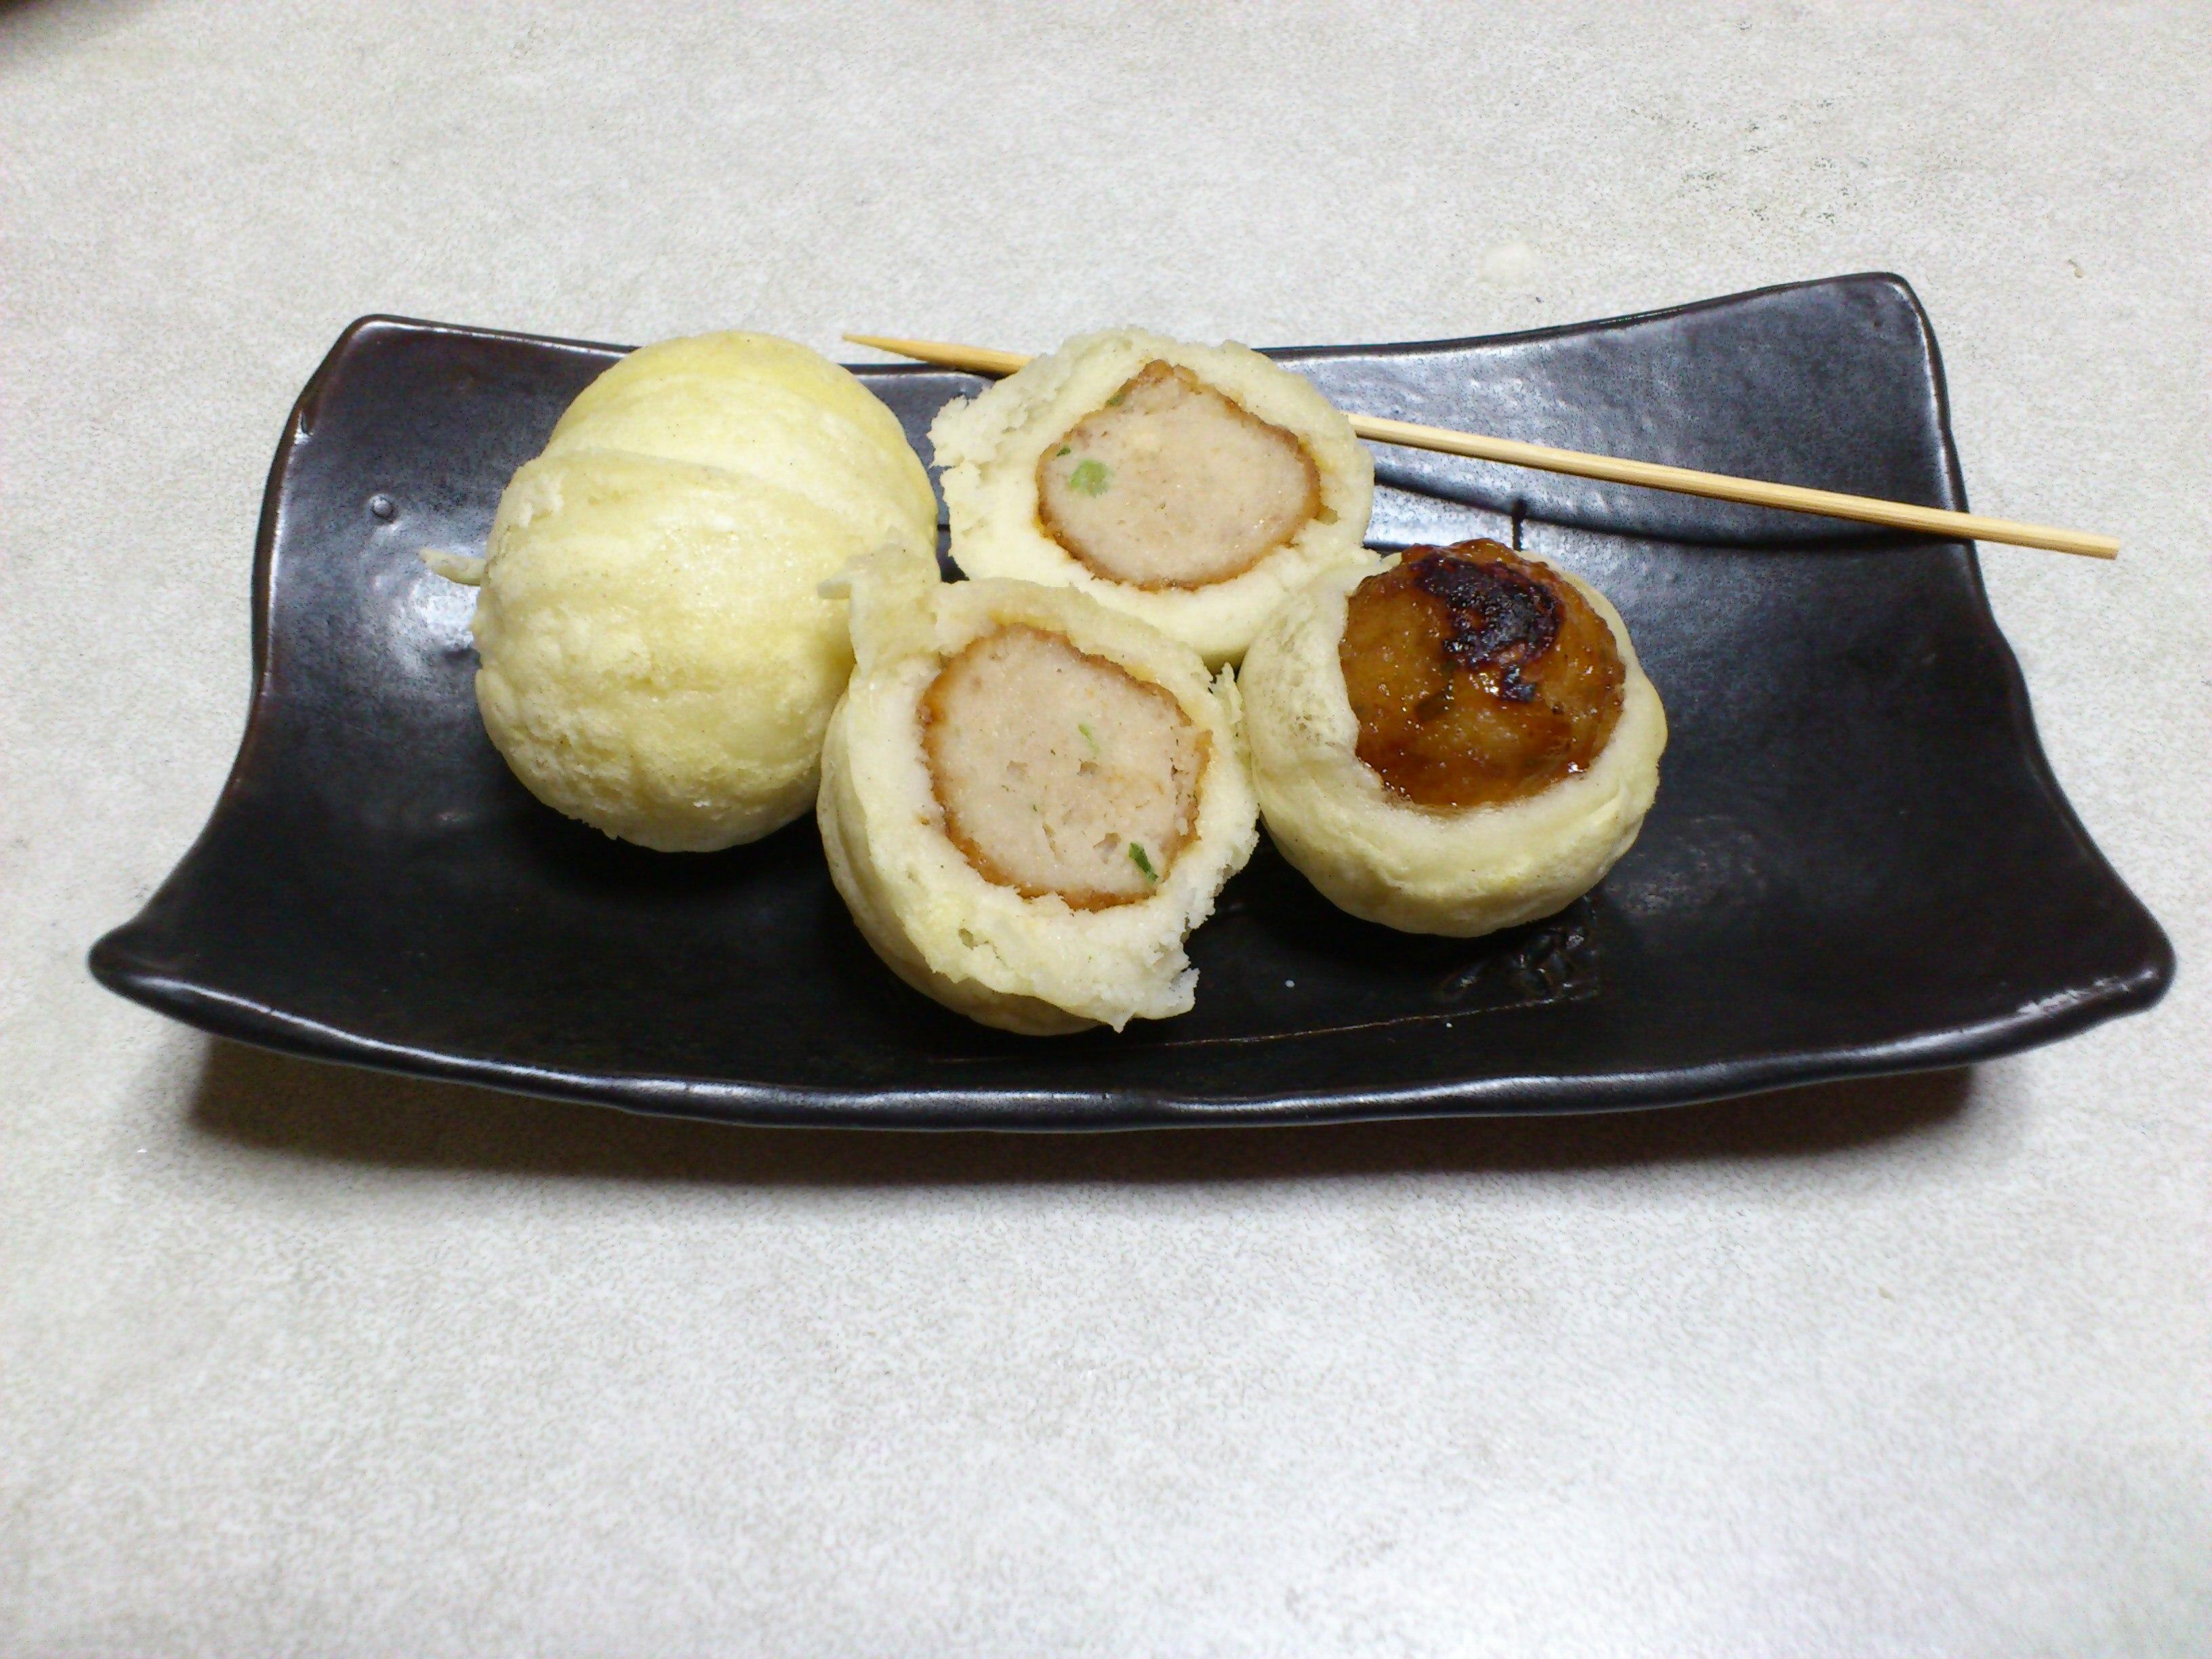 【たこ焼きみたいなチビ肉まん】小麦粉不使用の簡単レシピ ...